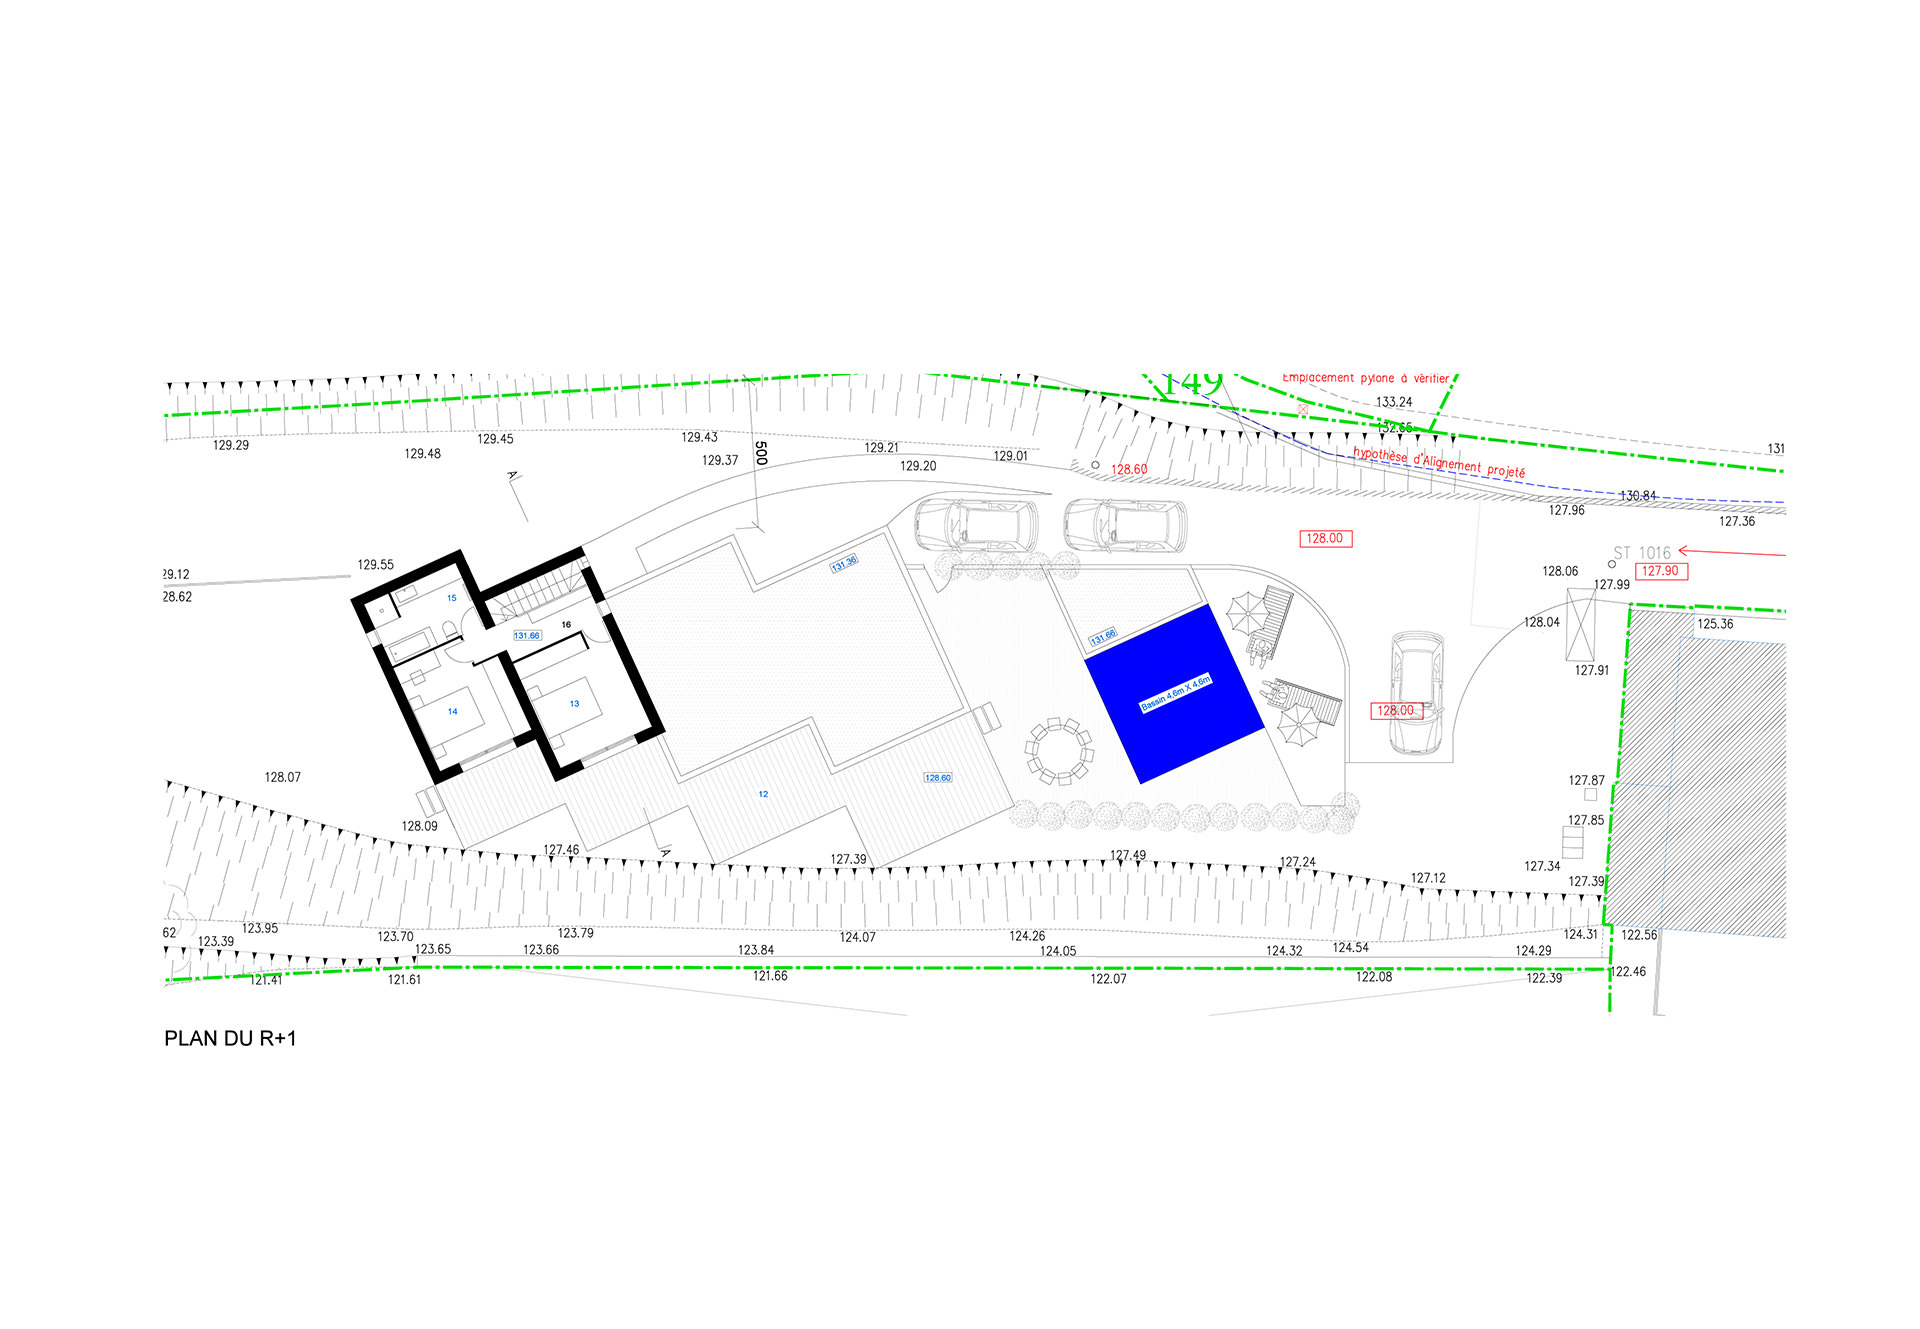 Maison Individuelle Cagnes Sur Mer Plan RDV